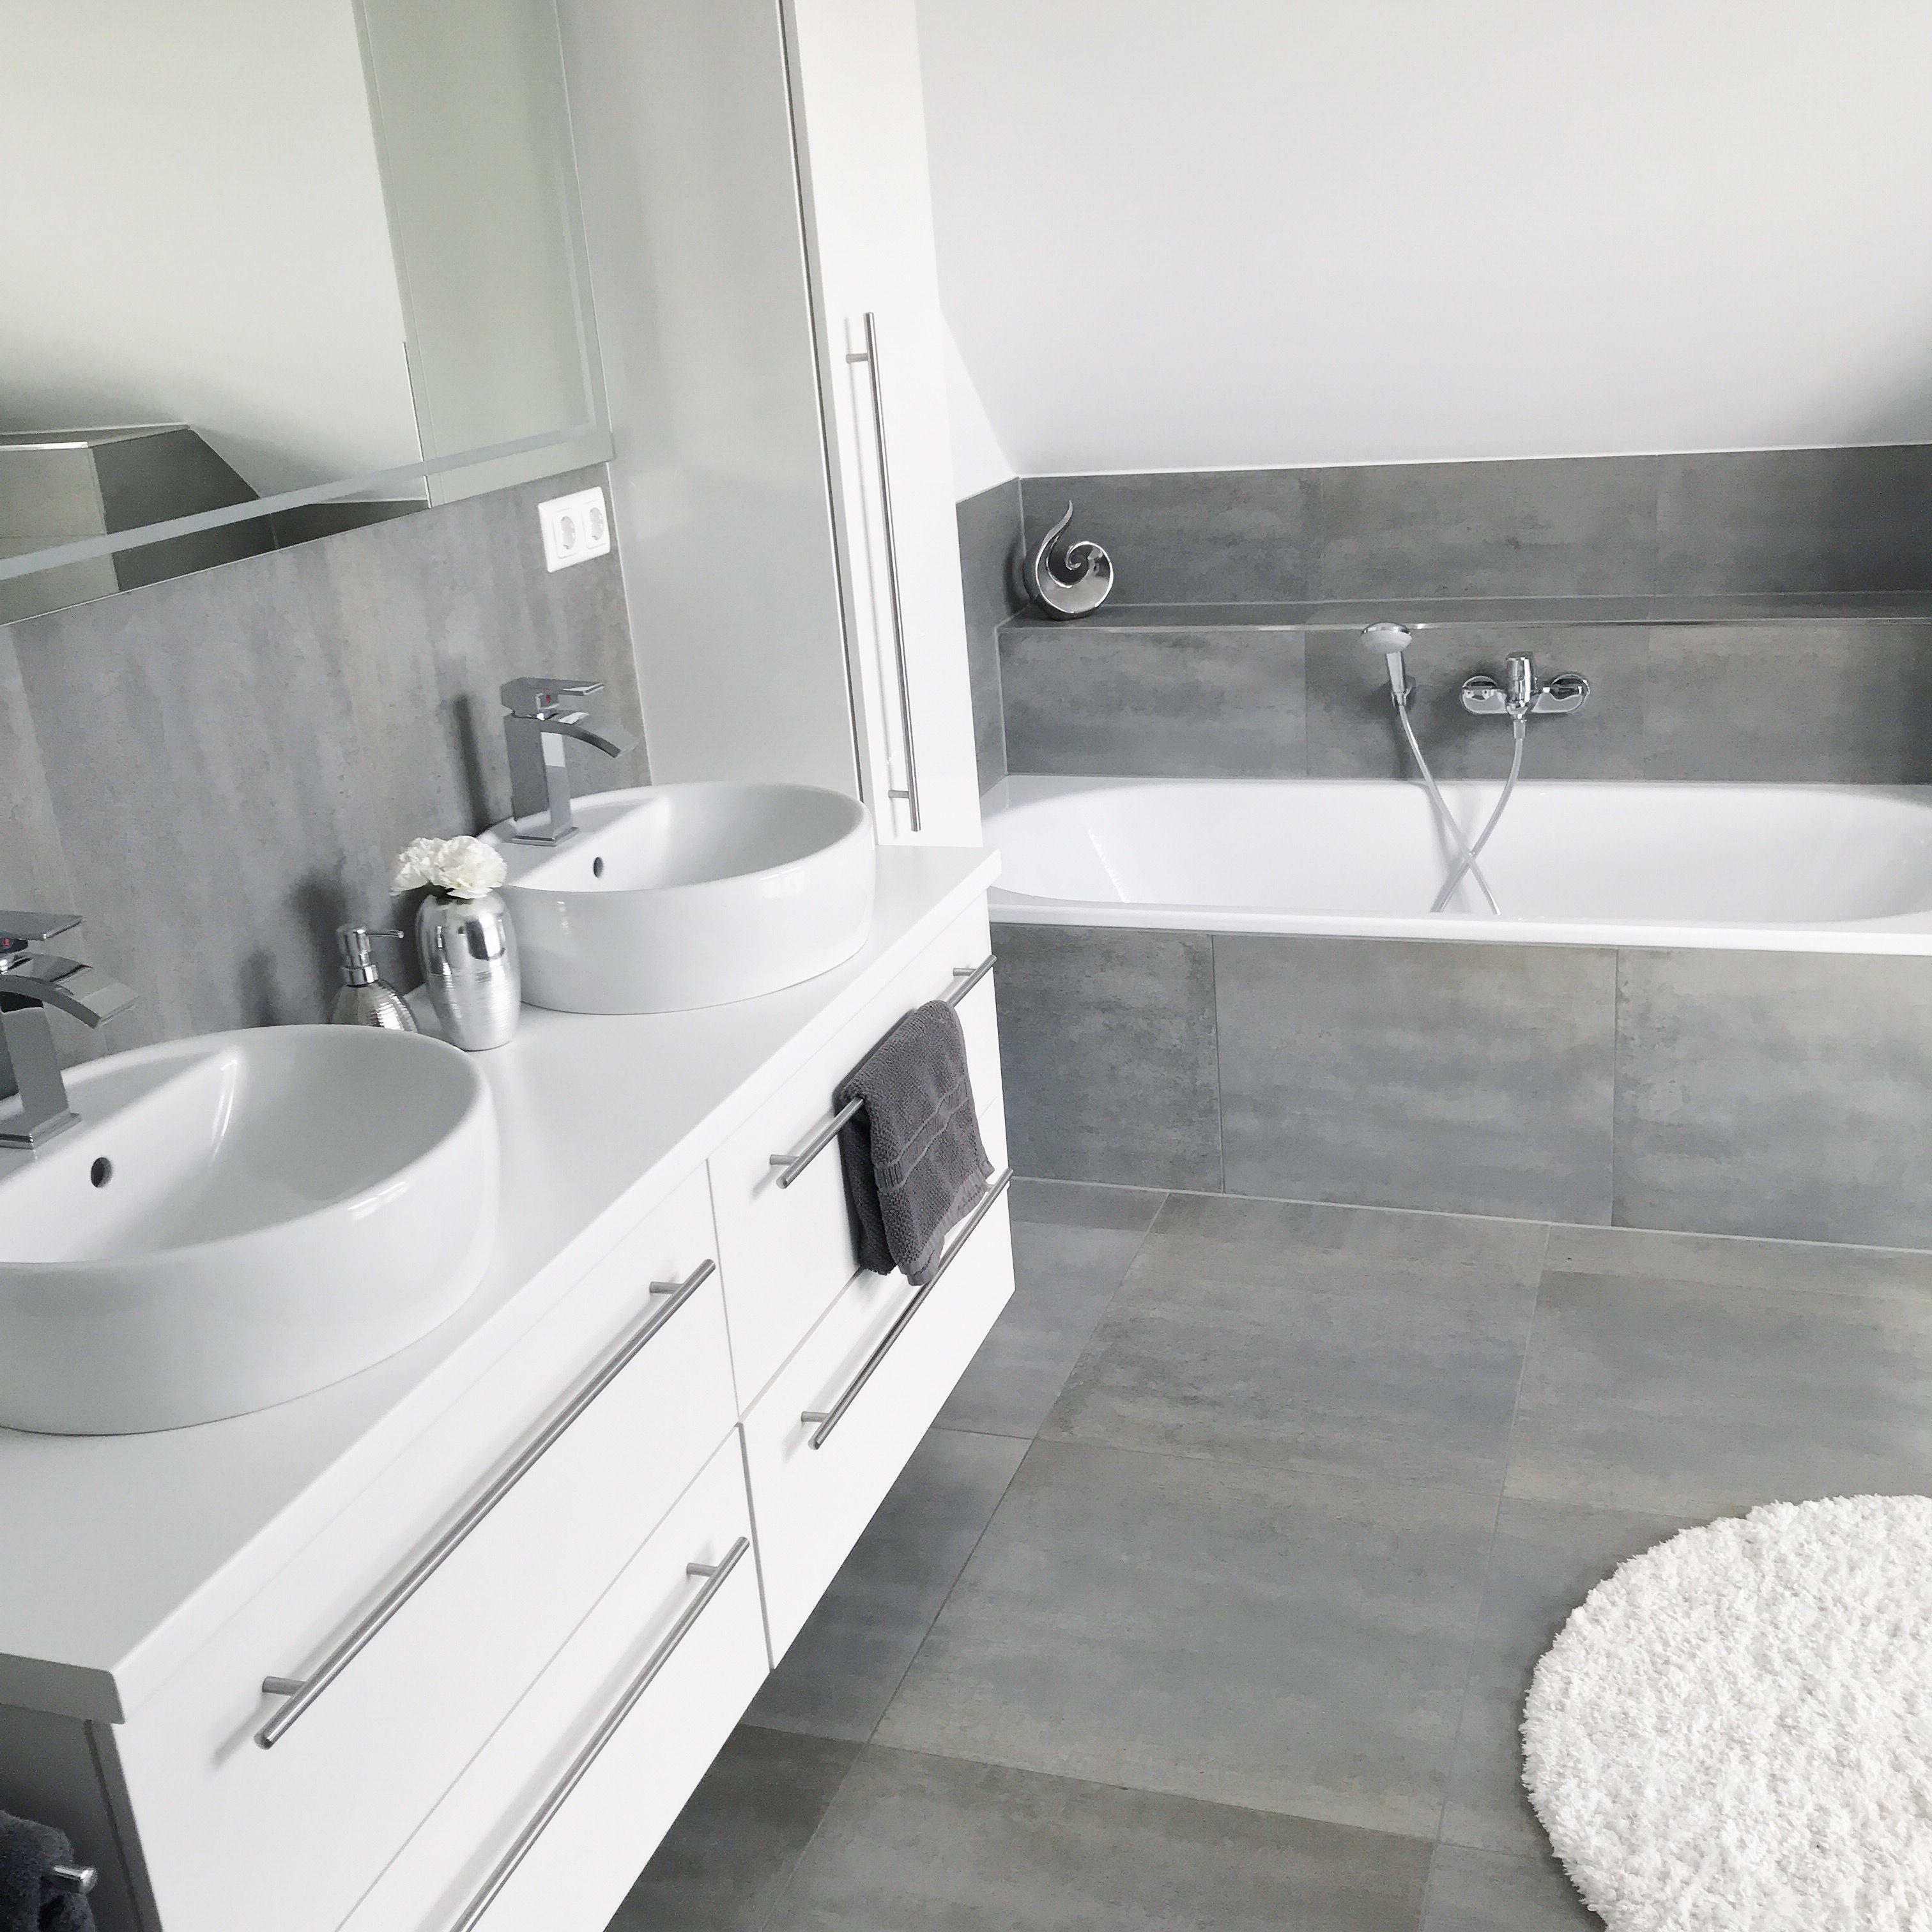 9 Instagram Wohnemotion Landhaus Badezimmer Bathroom Modern Grau Badezimmer Badezimmer Innenausstattung Badezimmer Grau